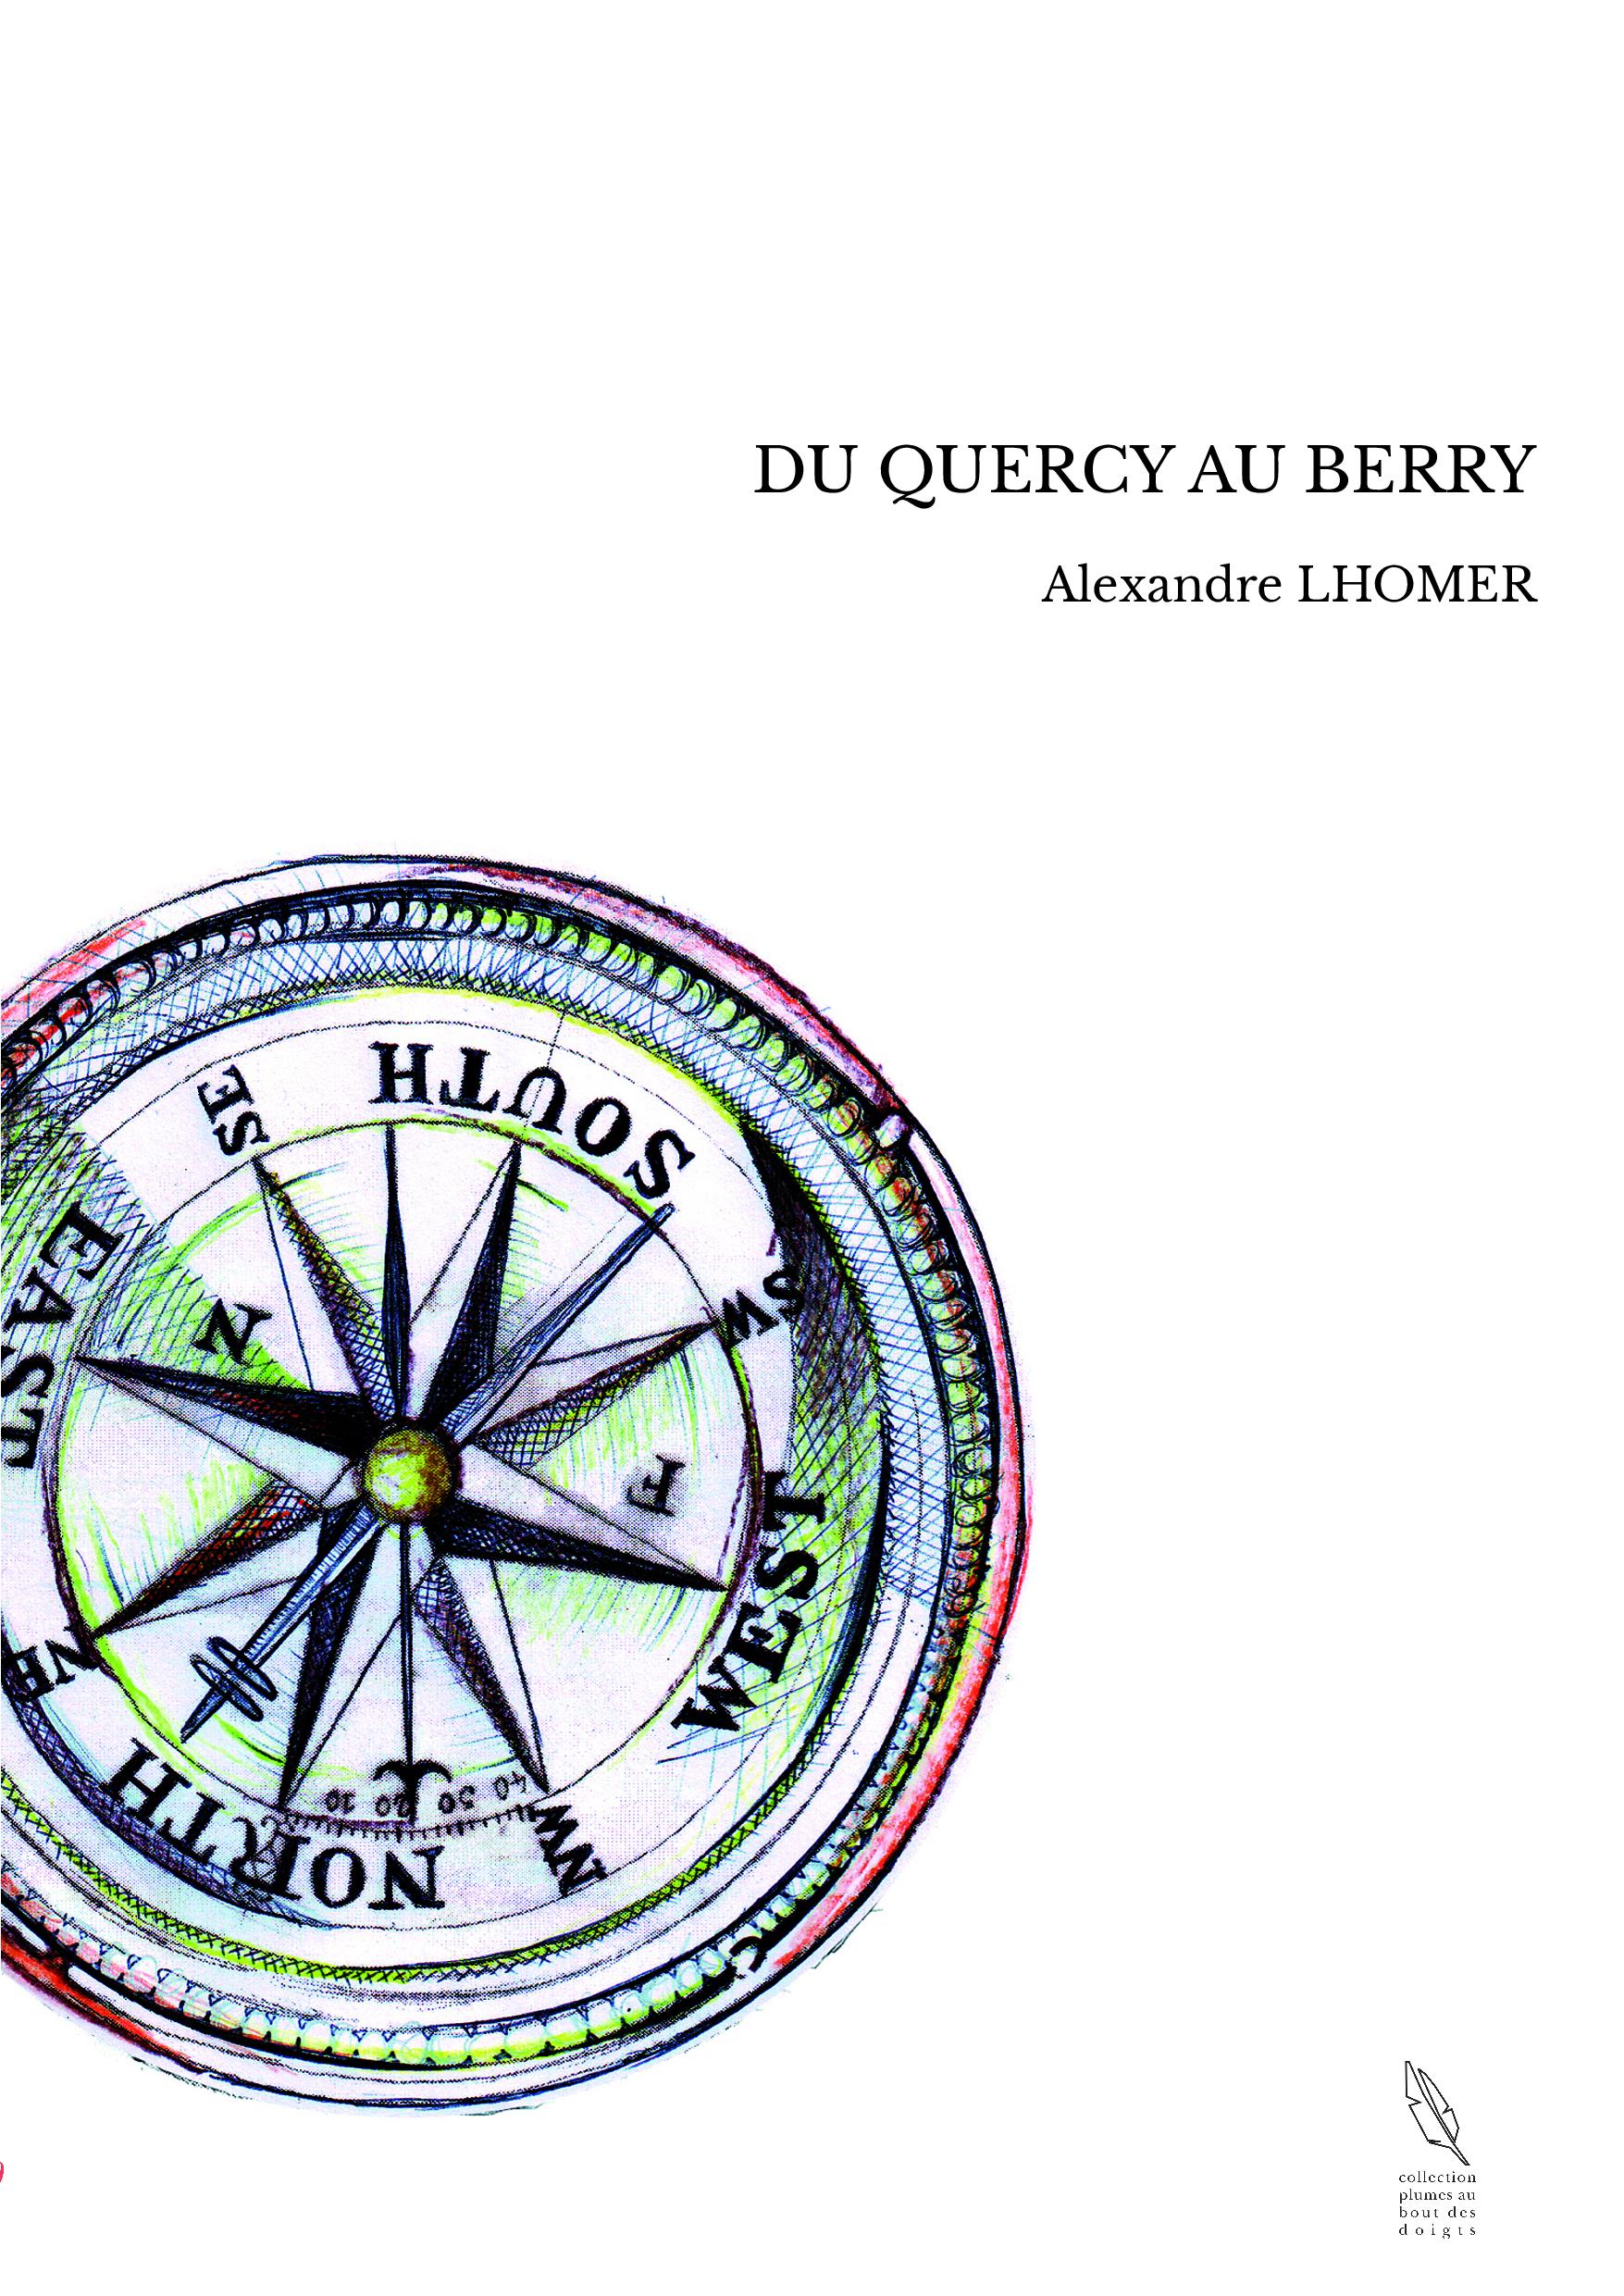 DU QUERCY AU BERRY